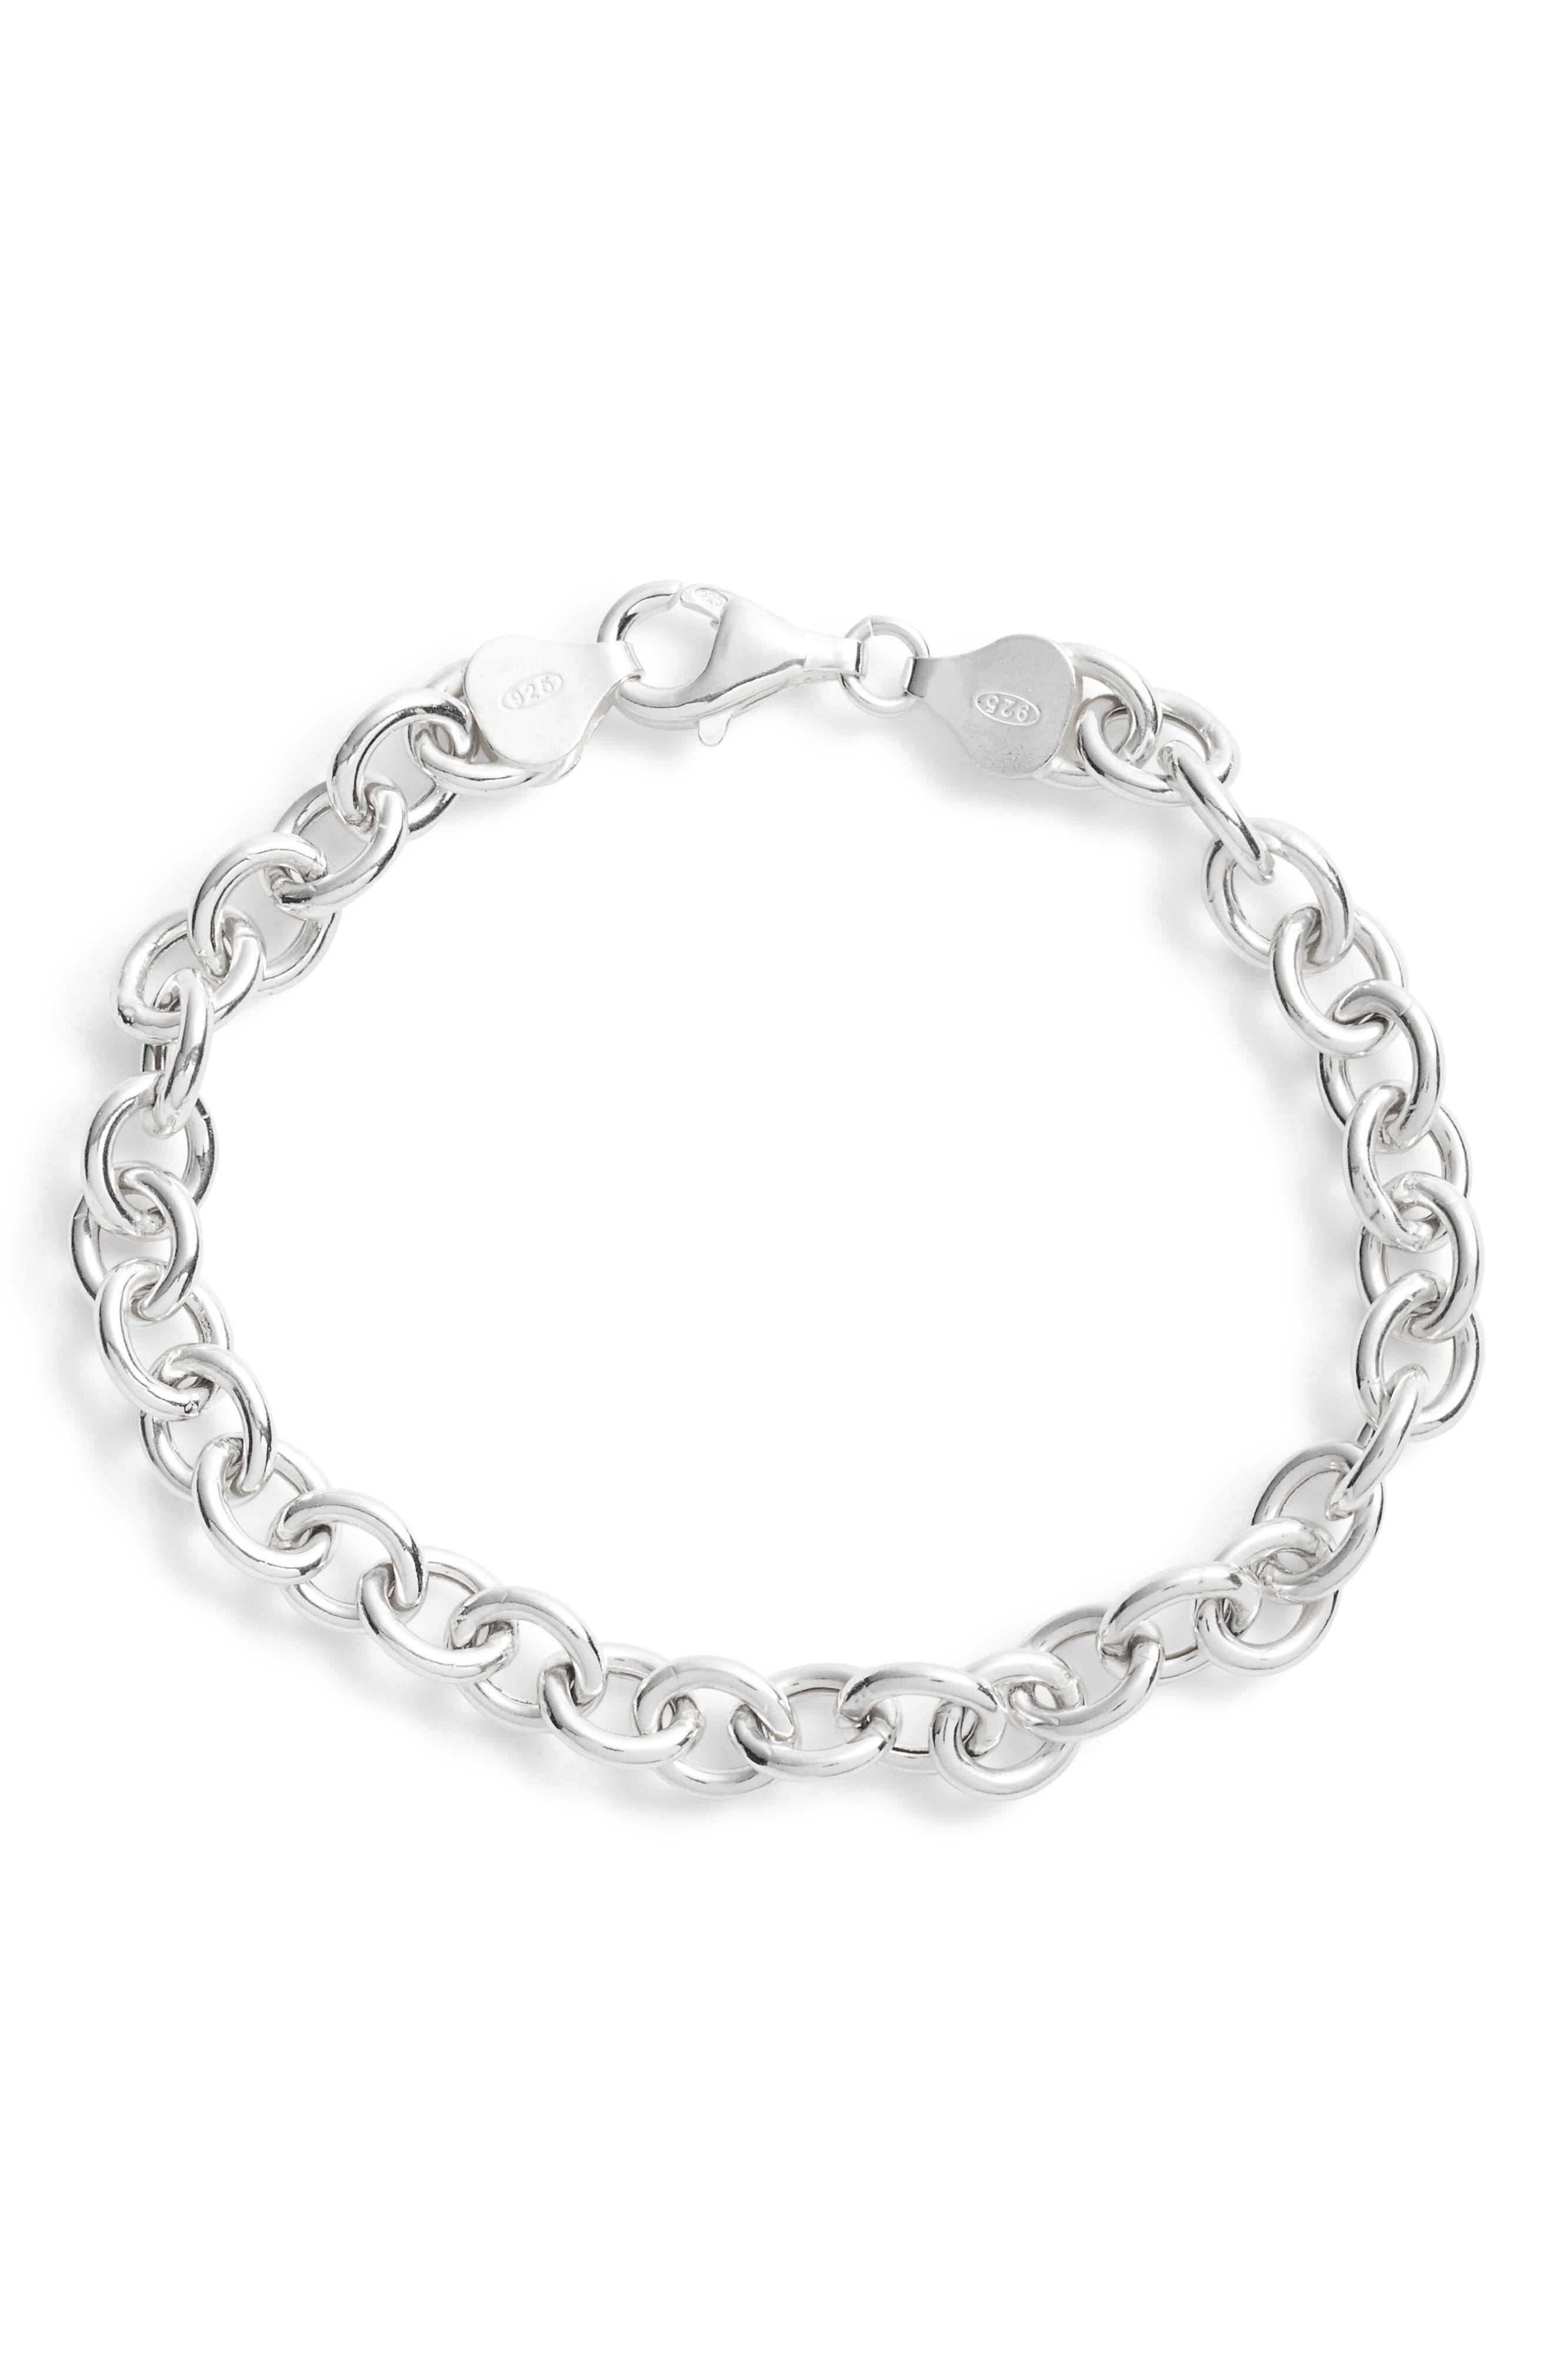 Women's Argento Vivo Classic Chain Bracelet